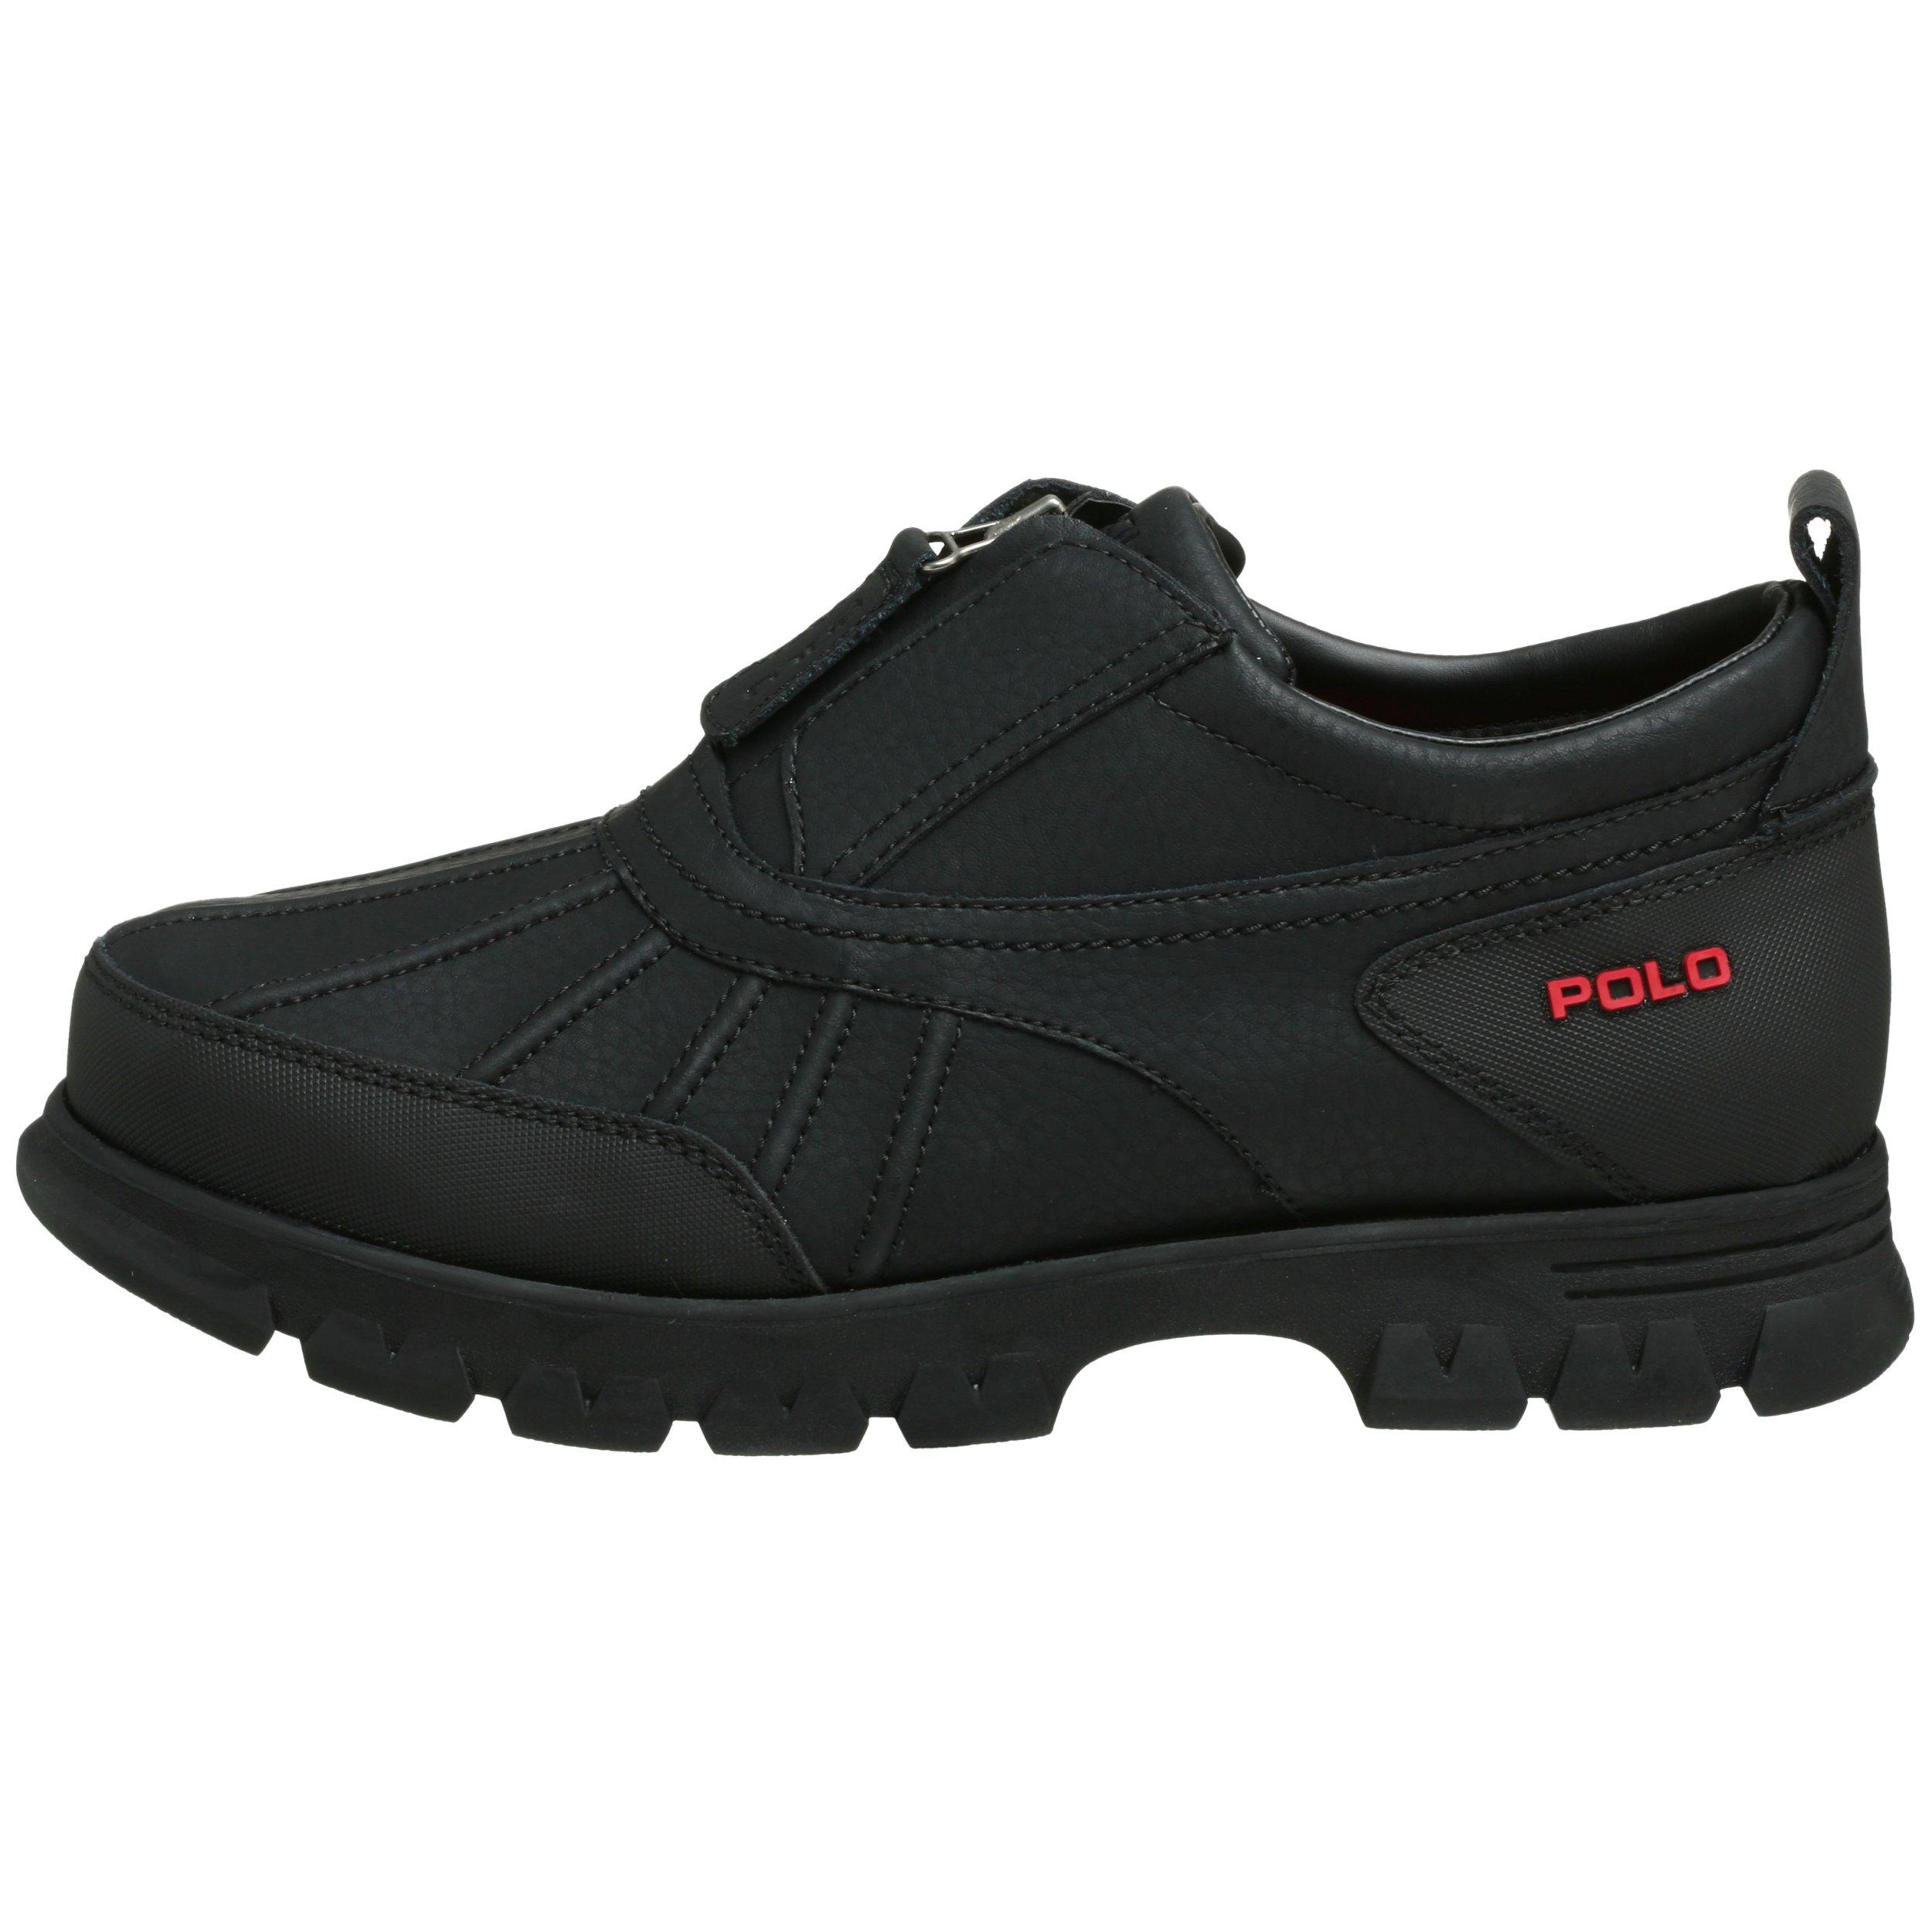 Polo Ralph Lauren Men's Kewzip II Boots